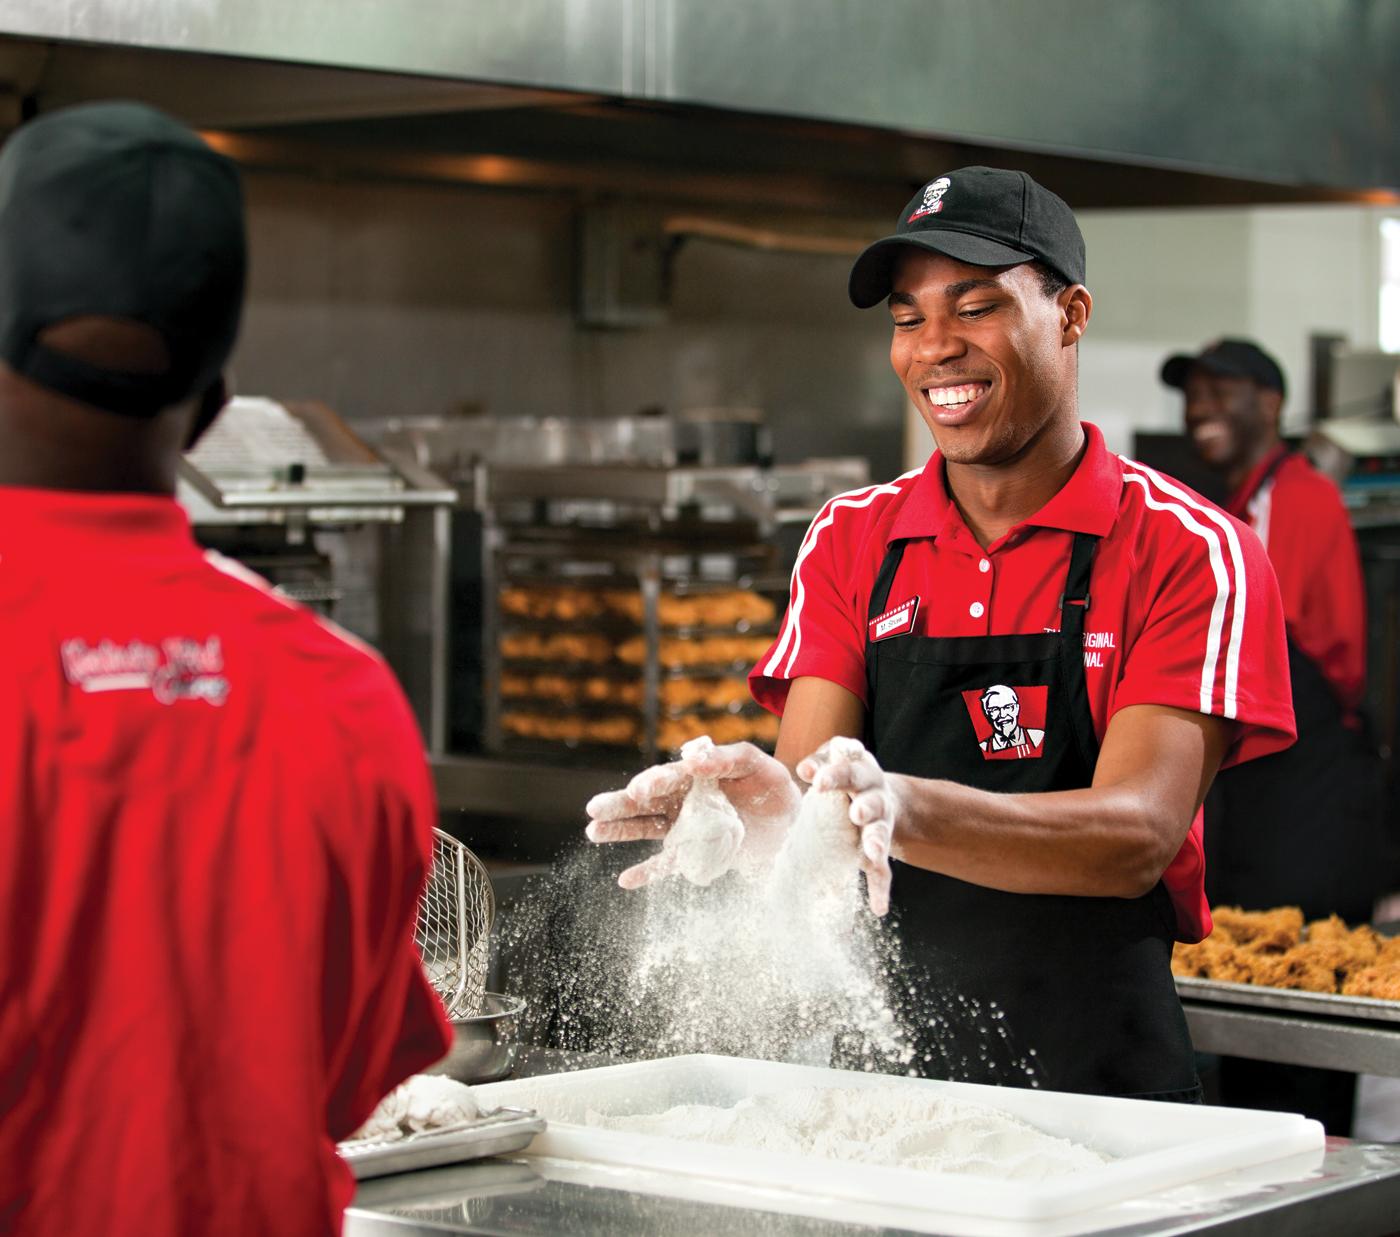 KFC Uniforms